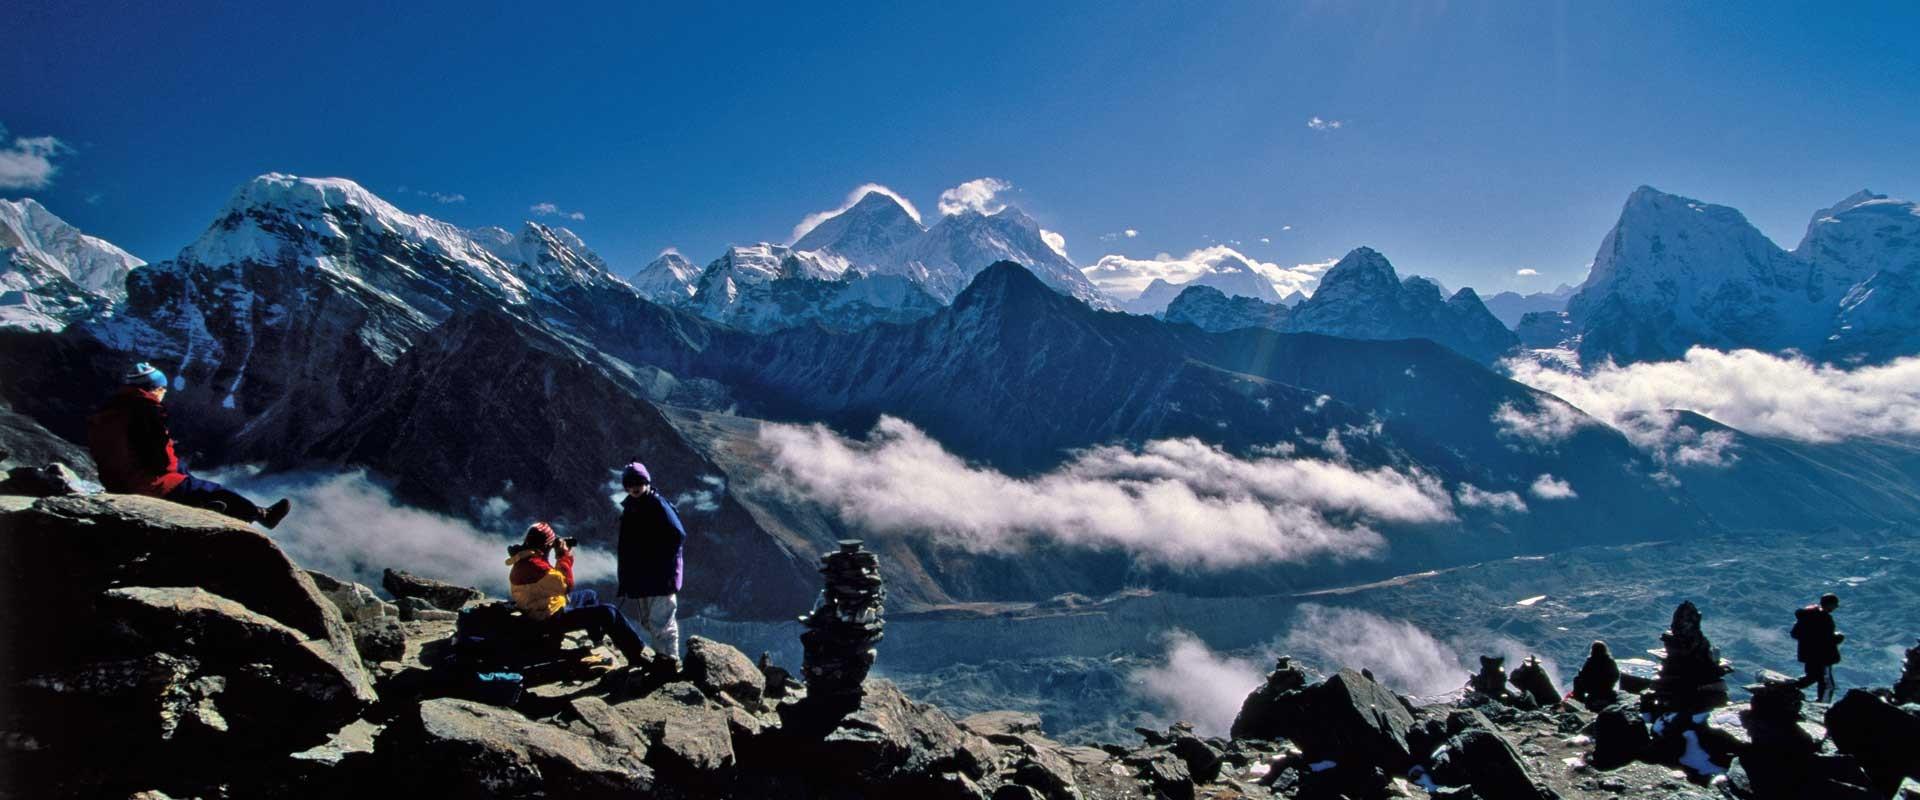 trekking at Nepal